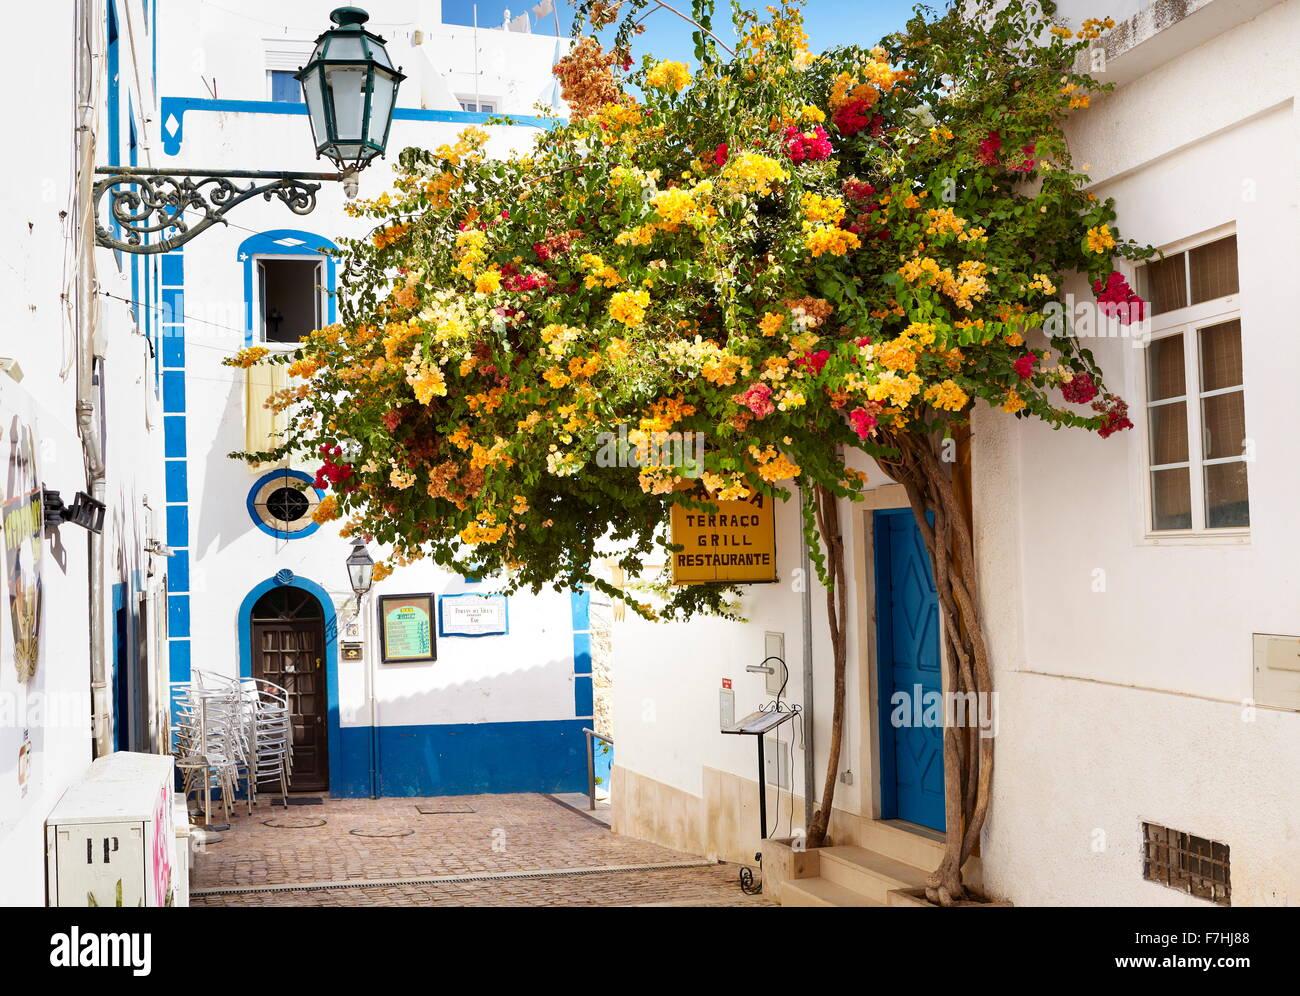 Faro immagini faro fotos stock alamy for Fiori che sbocciano